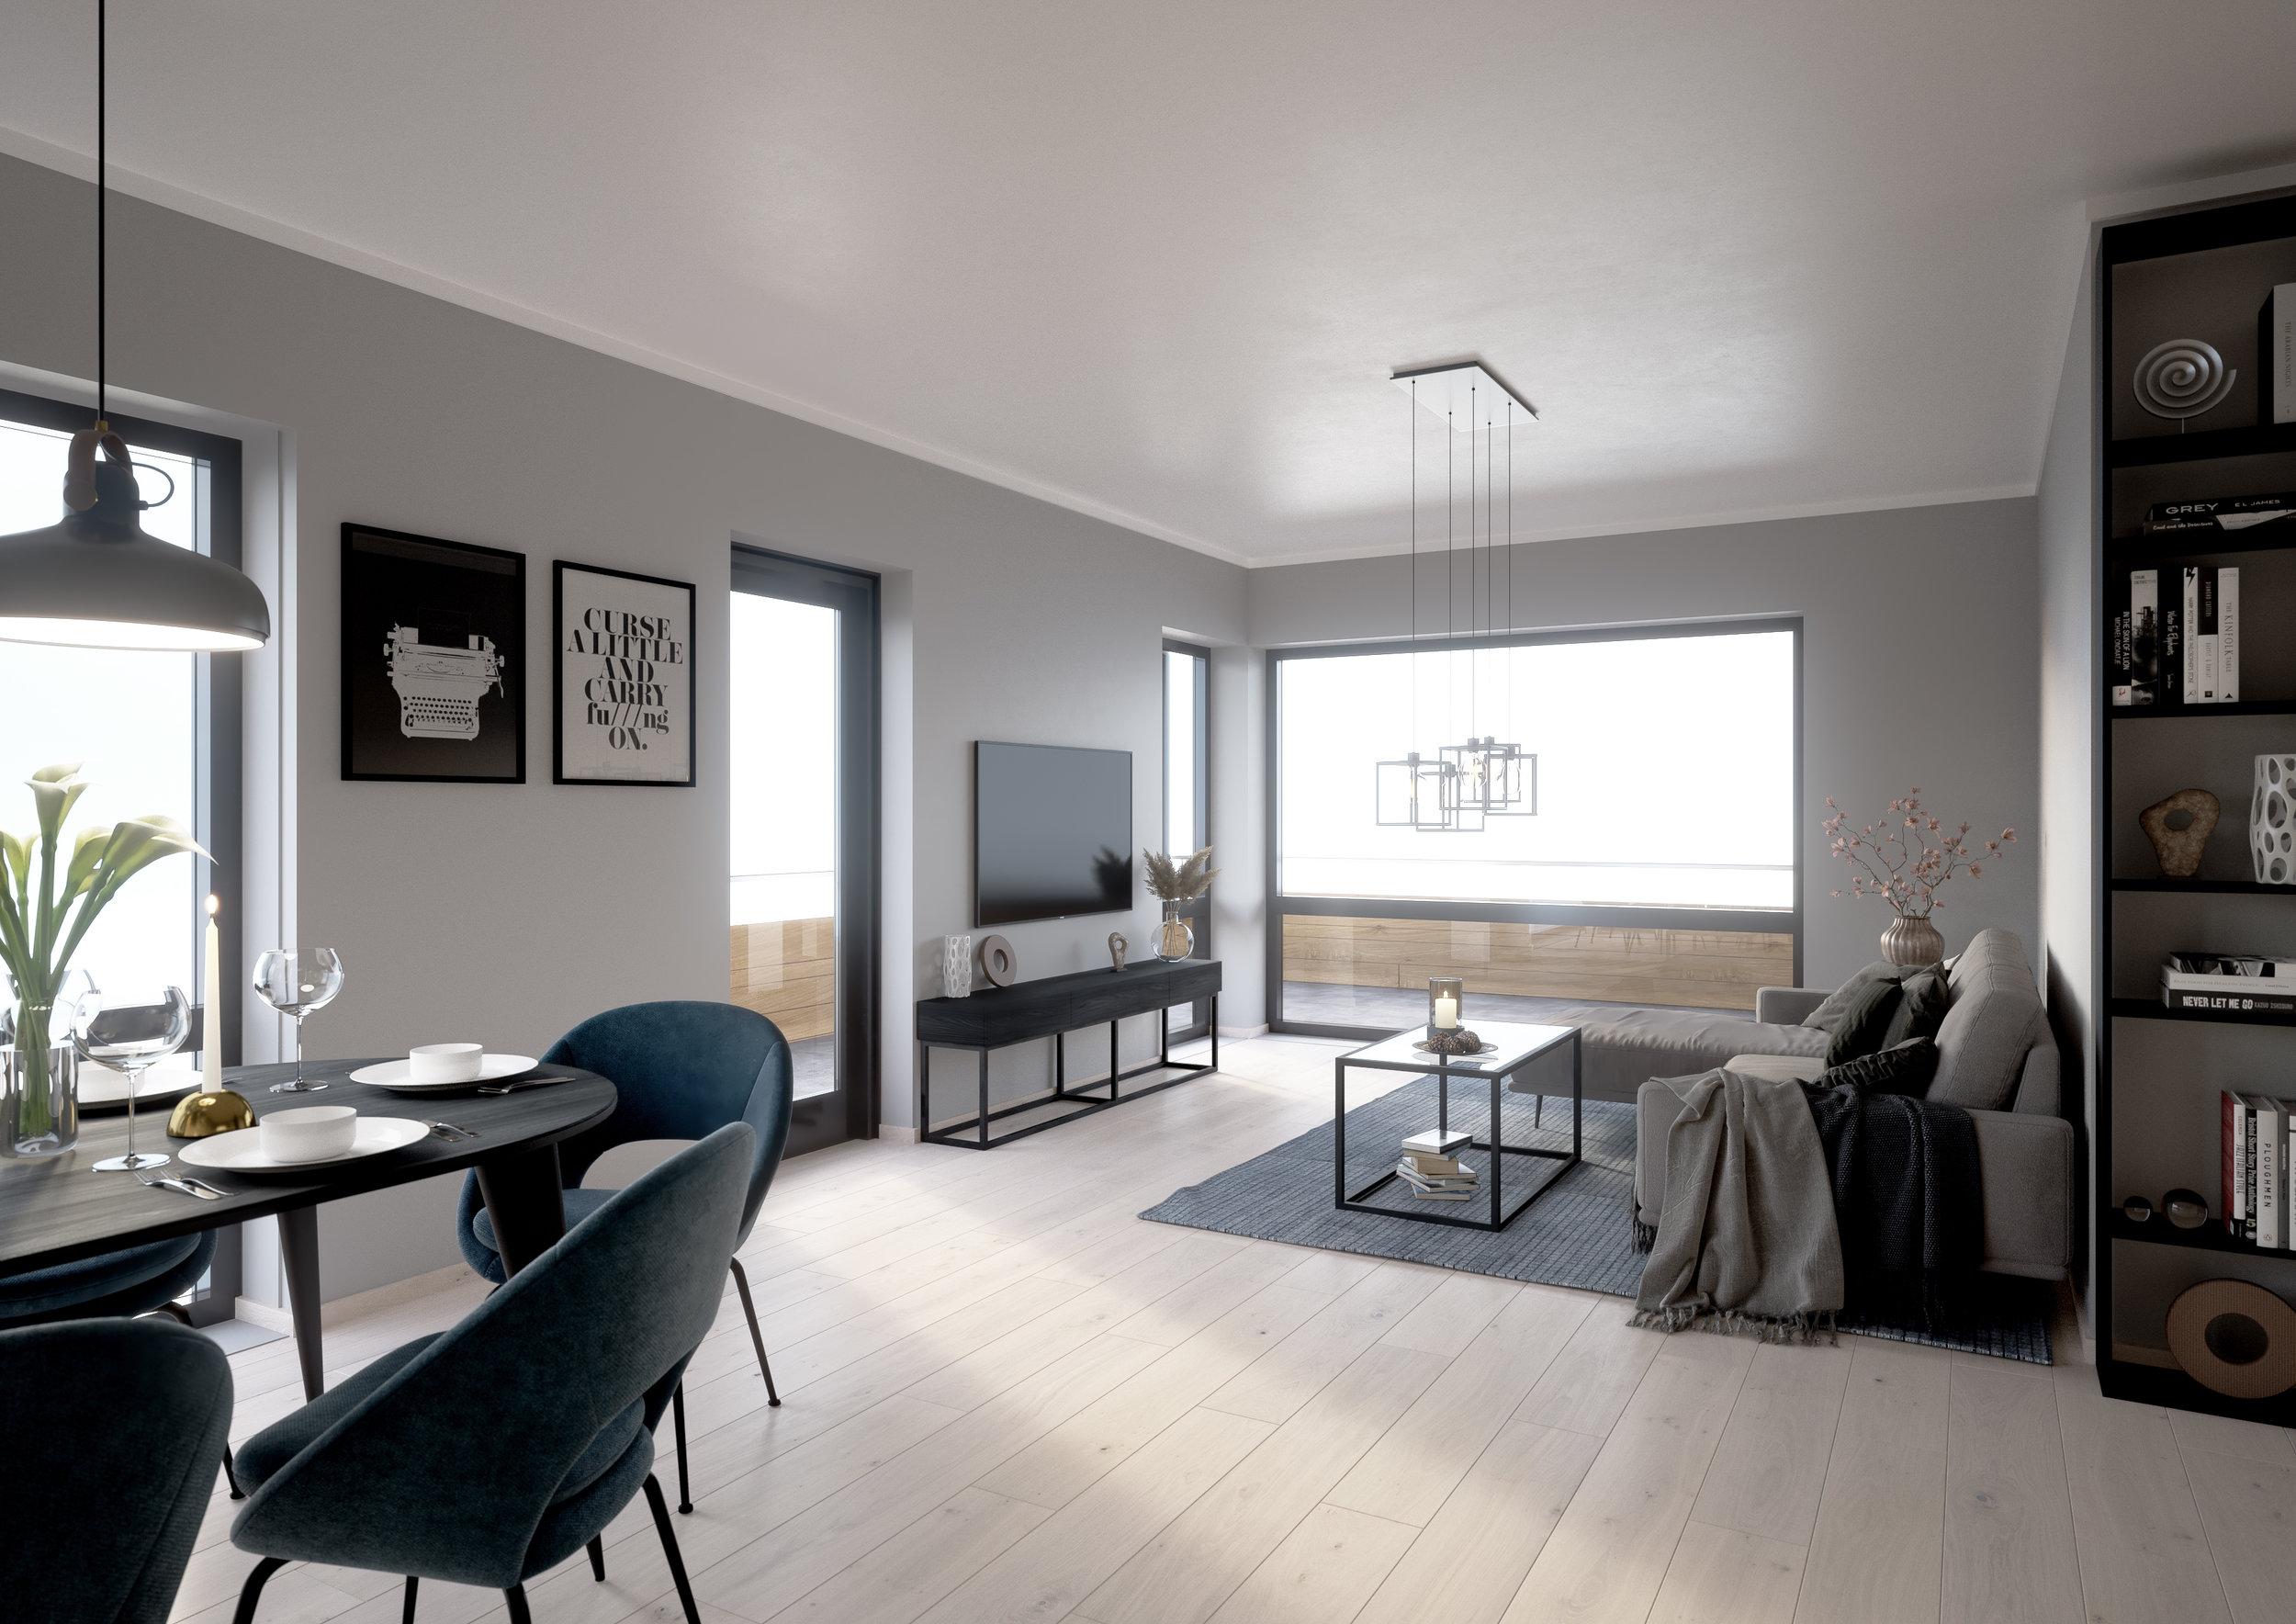 Interior-01.jpg